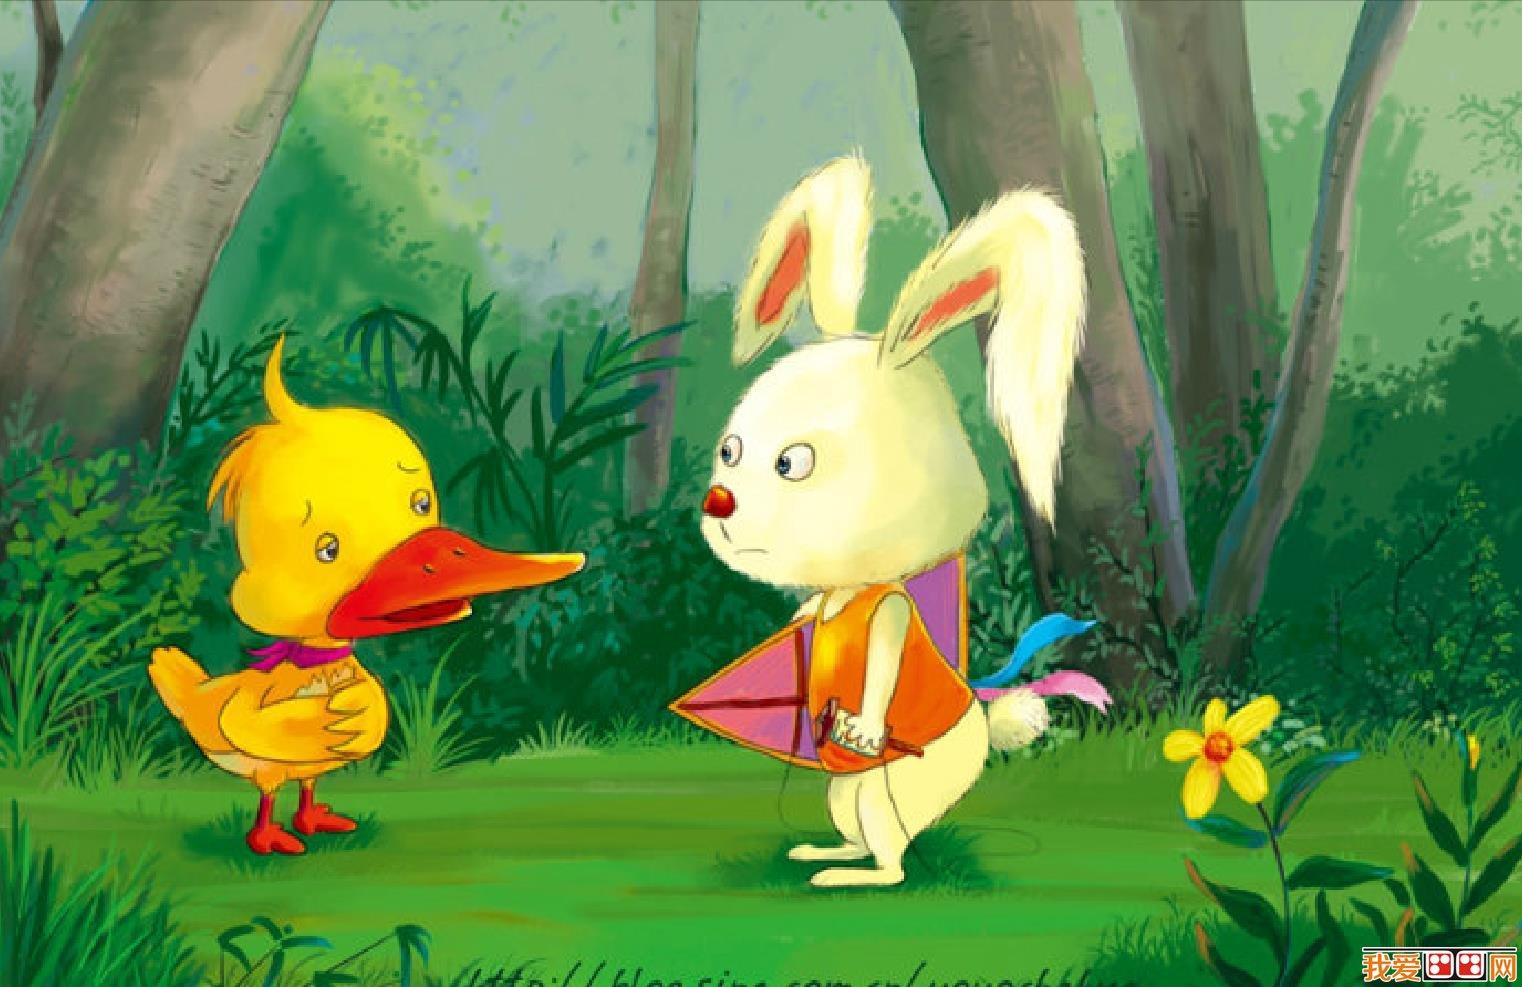 卡通画:可爱小动物插画欣赏(3)